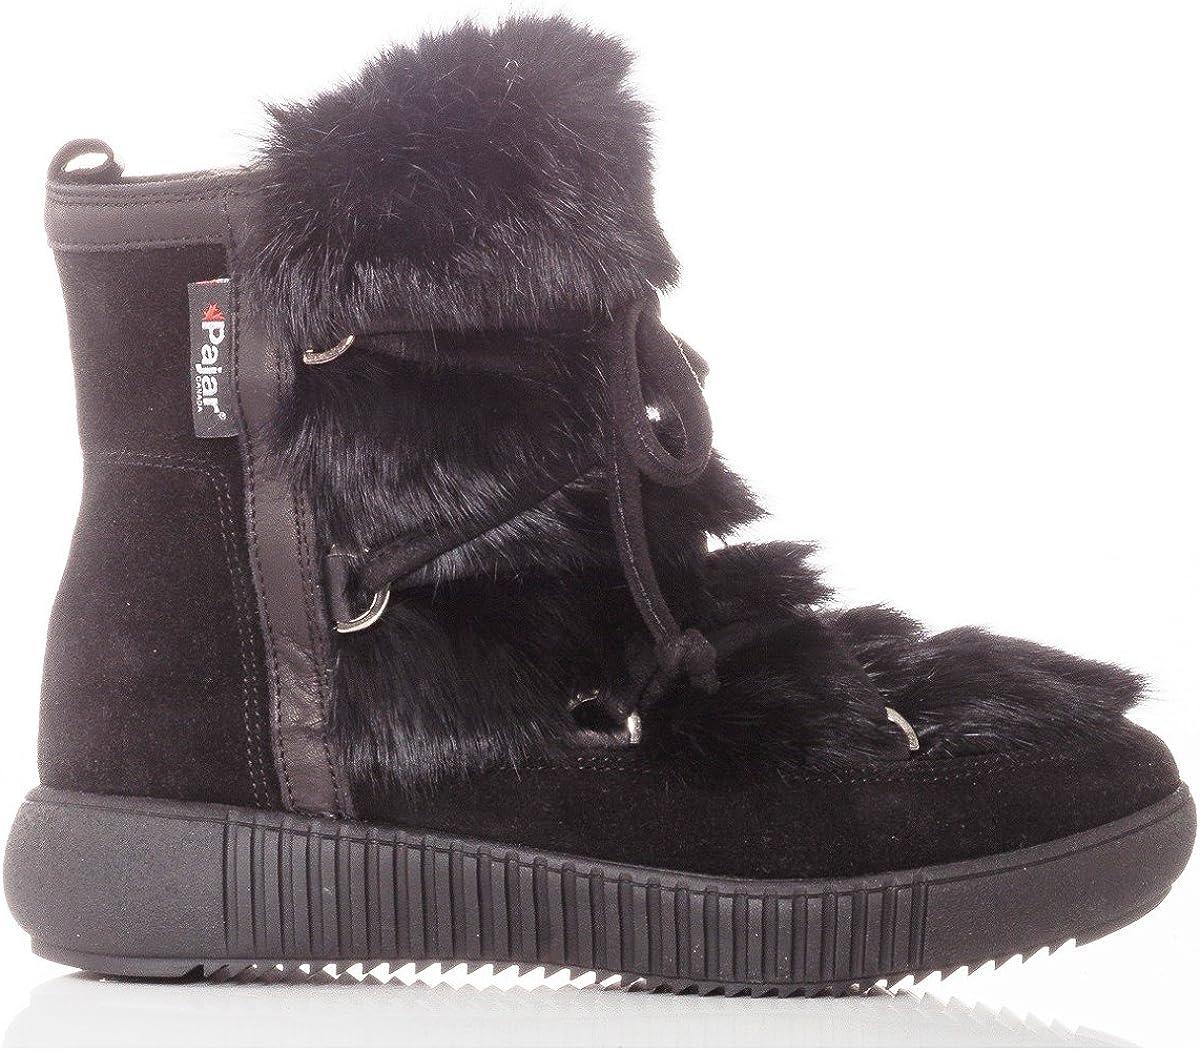 Pajar Women's Anet Suede & Rabbit Fur Winter Boots Black Size 36 EU/5-5.5 US